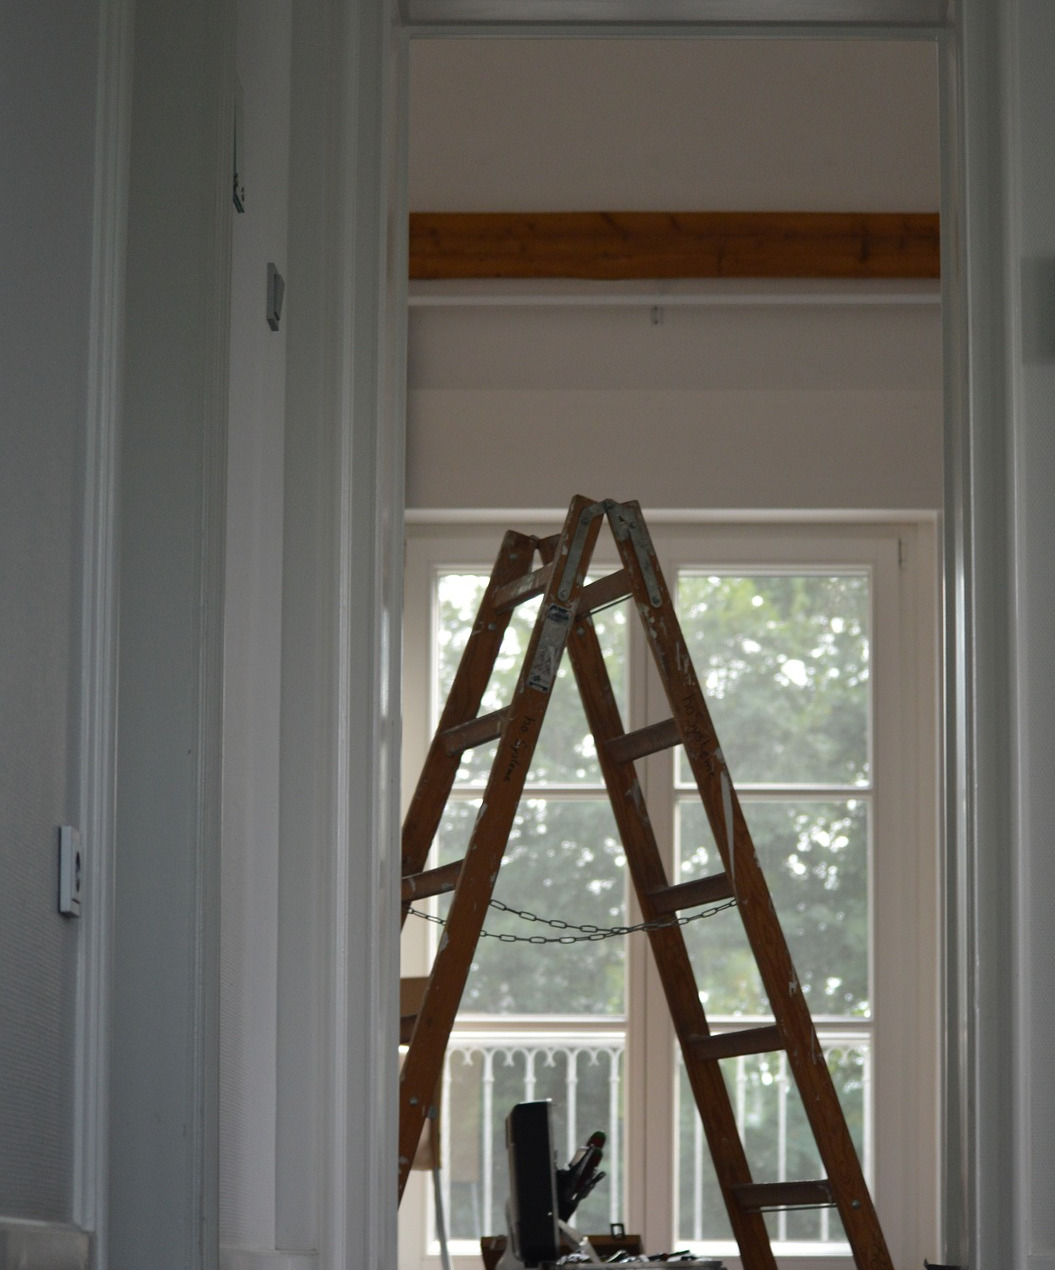 Lavori in casa permessi e autorizzazioni necessarie - Lavori da fare a casa ...